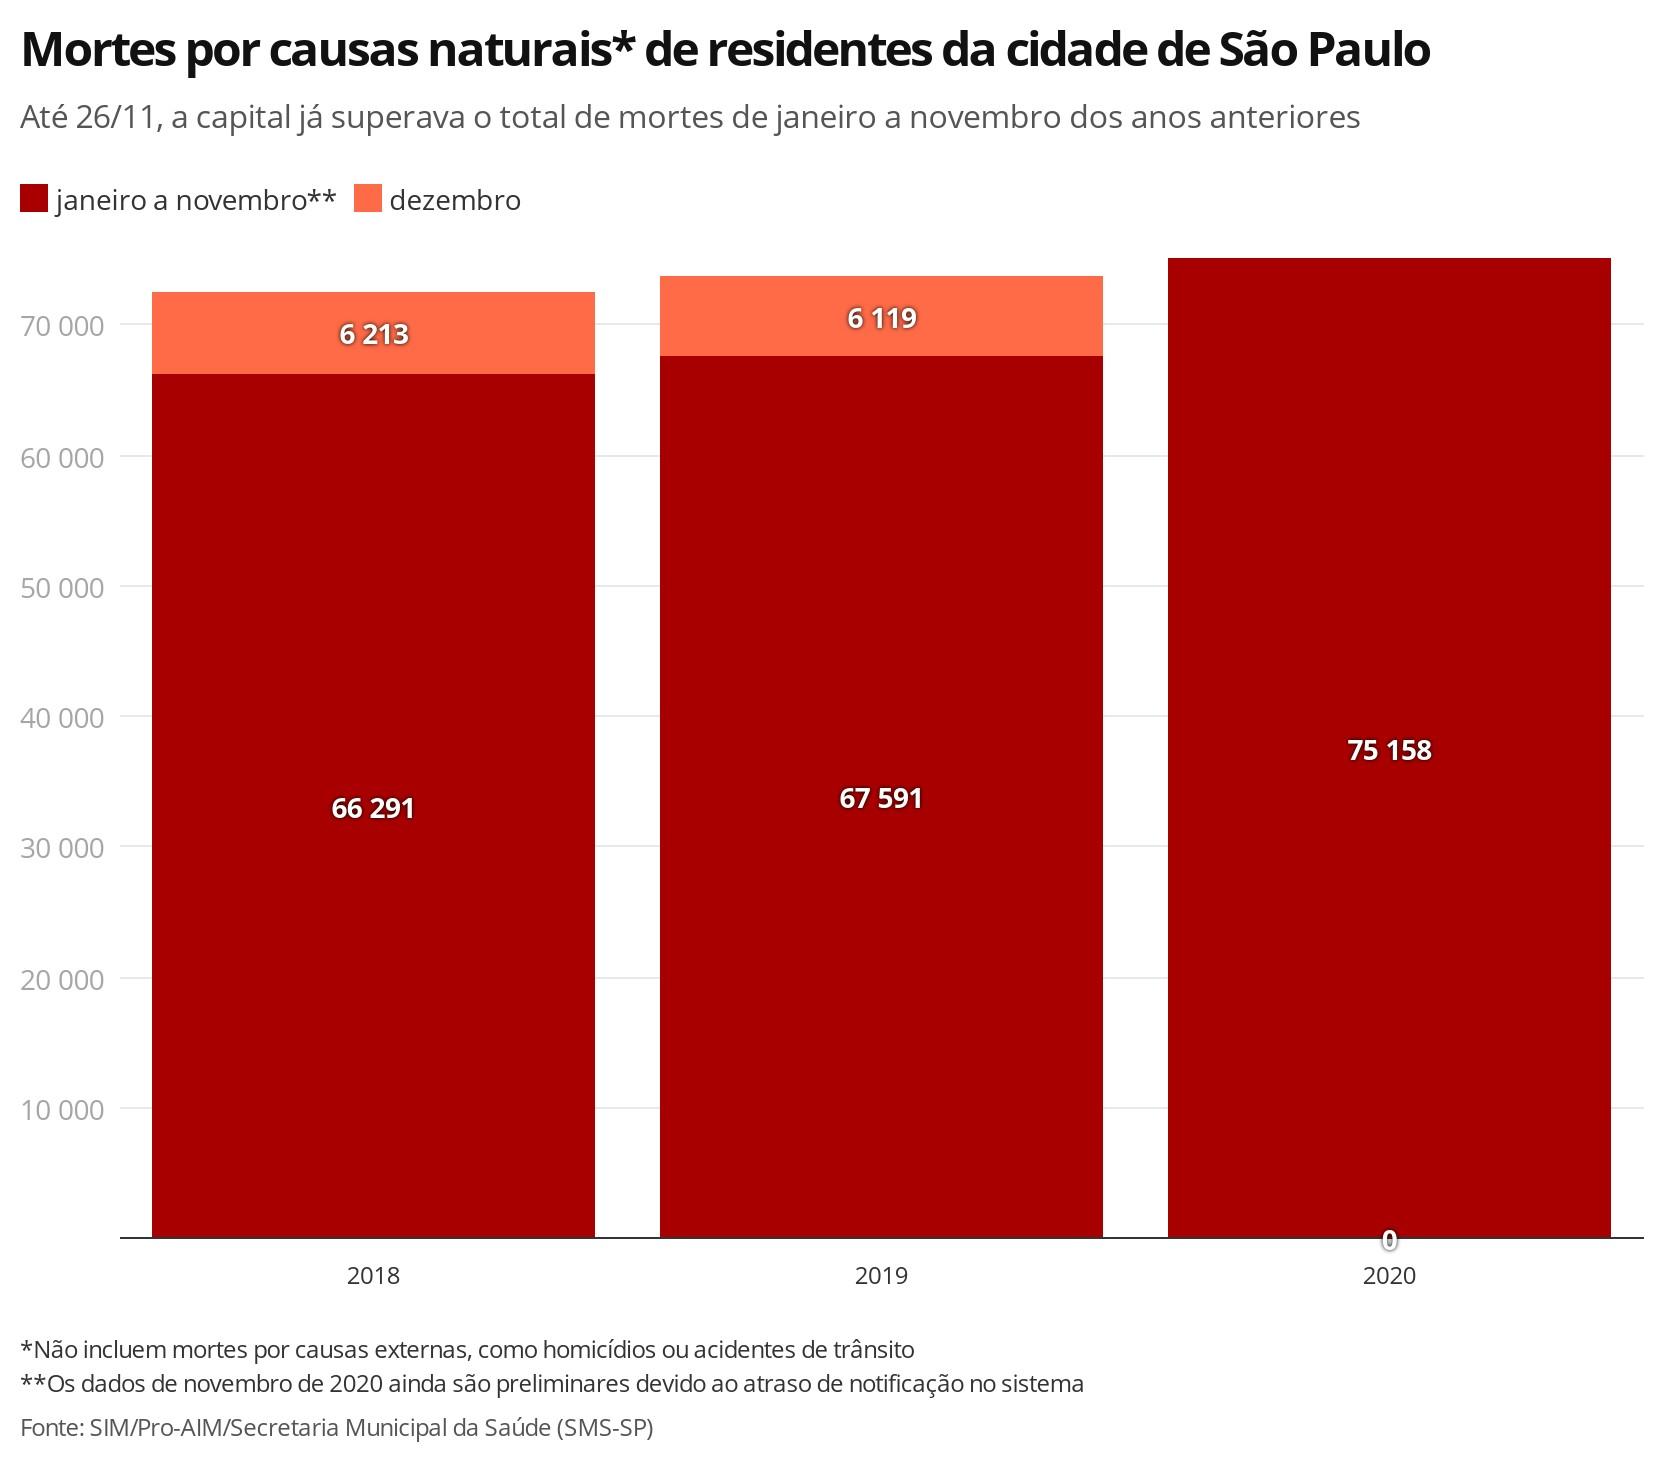 Cidade de SP registra mais mortes por causas naturais em 2020 do que em todo o ano de 2019